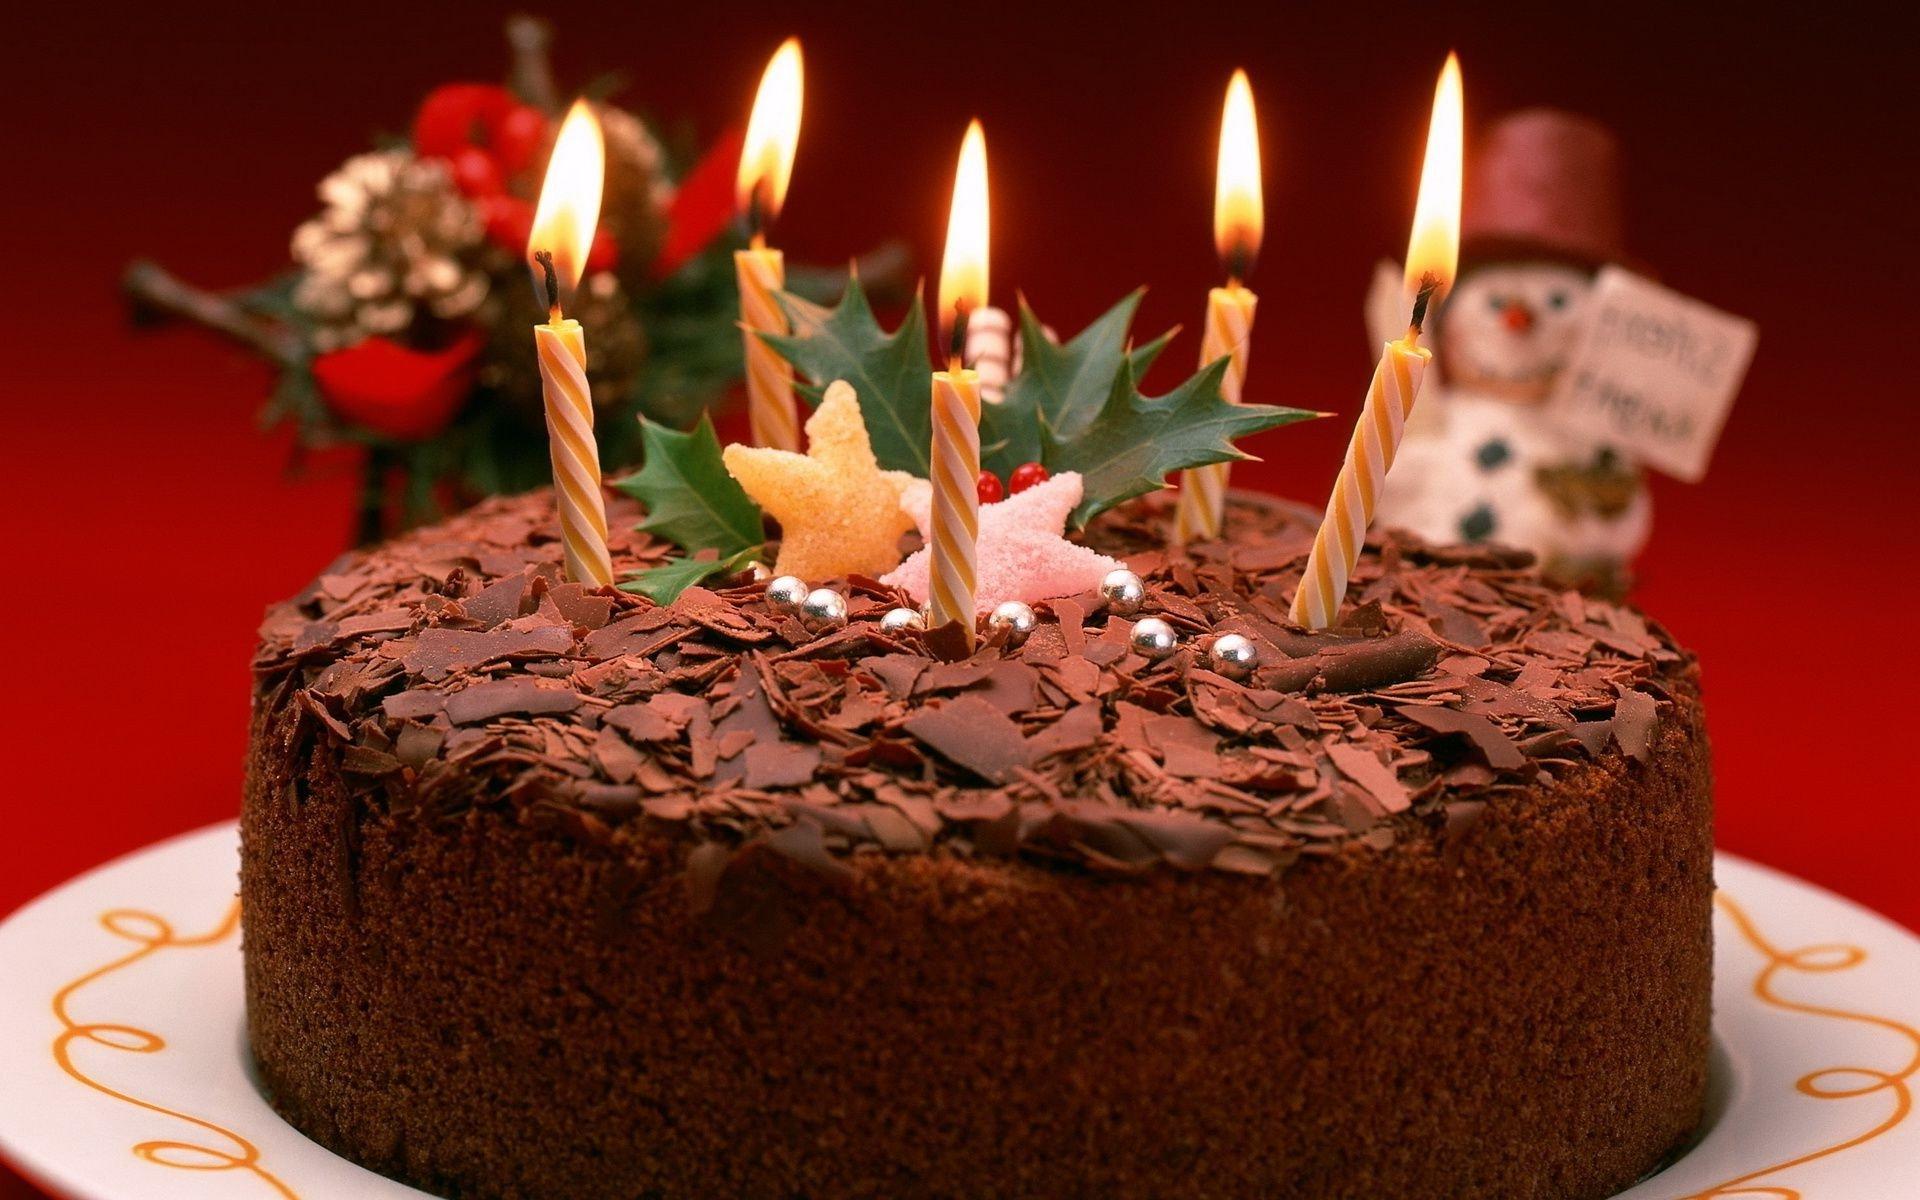 личной торт со свечами открытка с днем рождения маме взрывом дверь